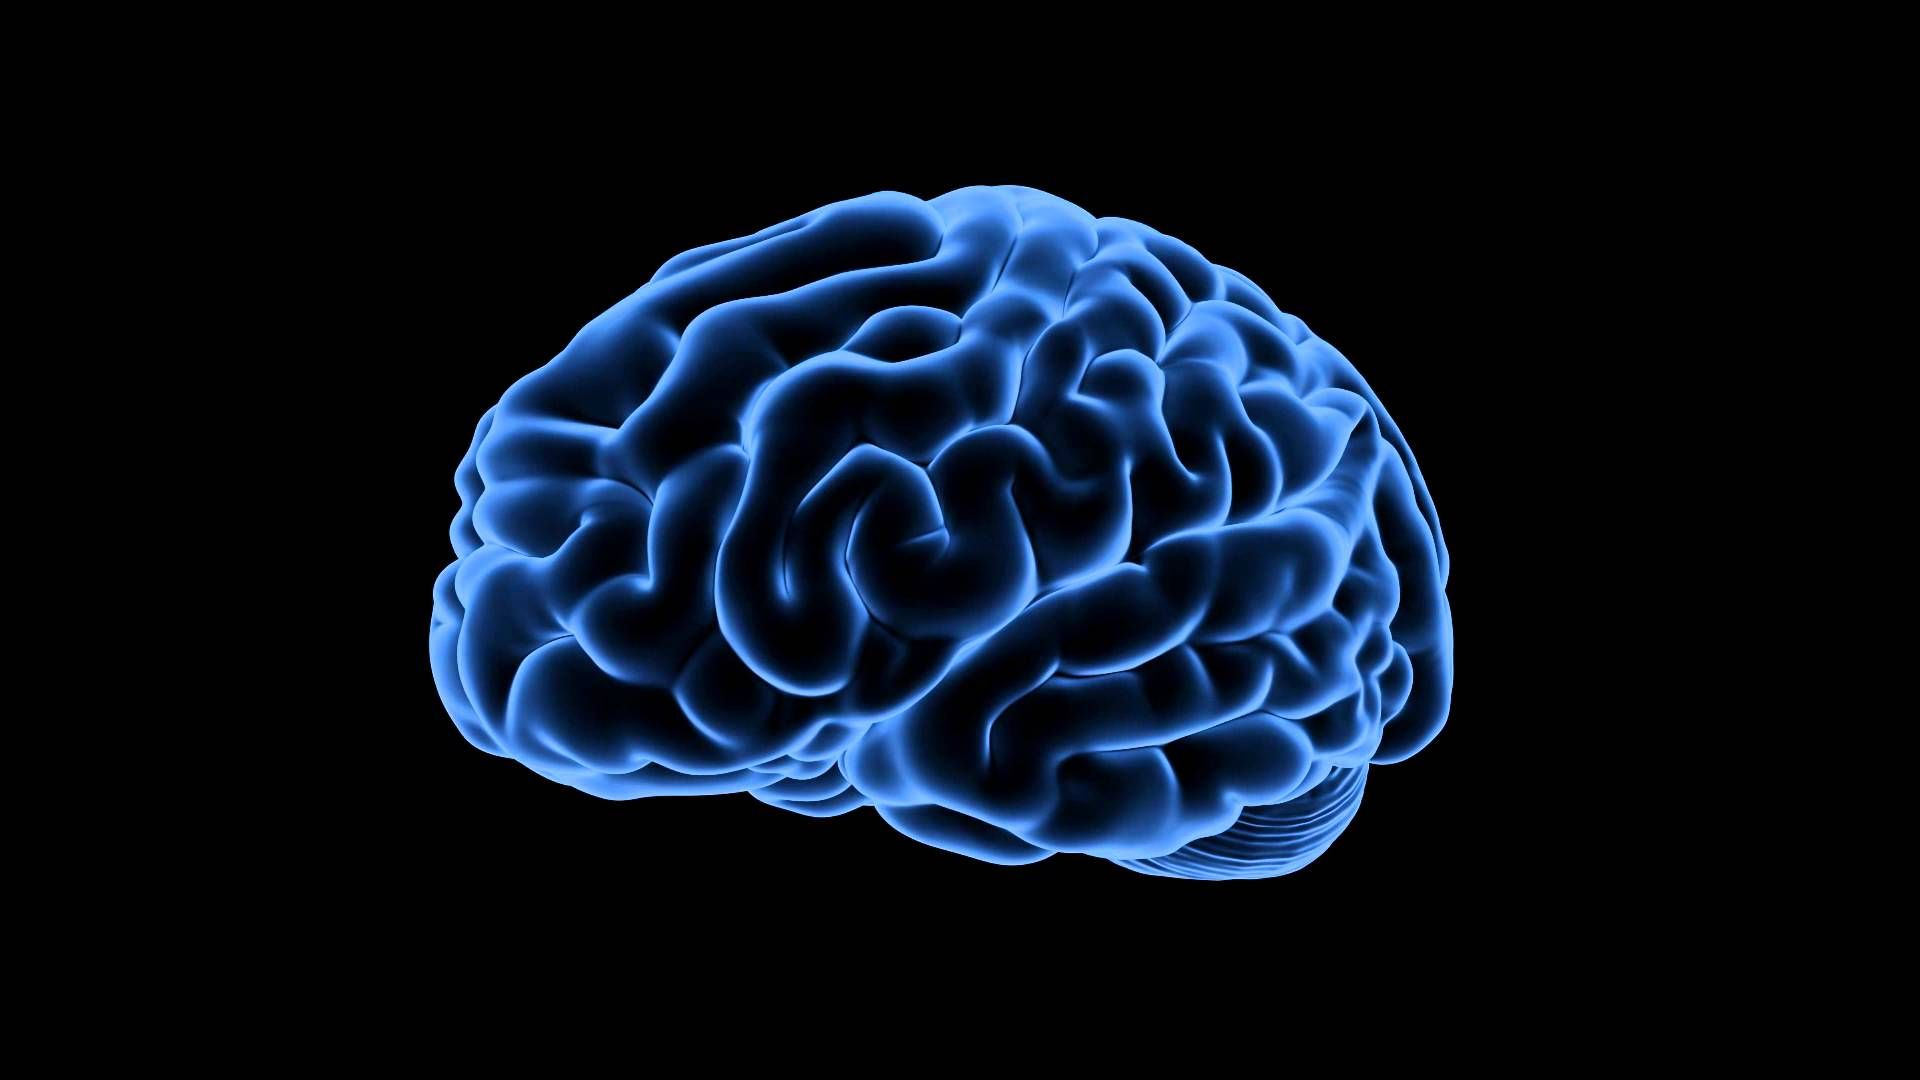 Brain HD 1080 wallpaper